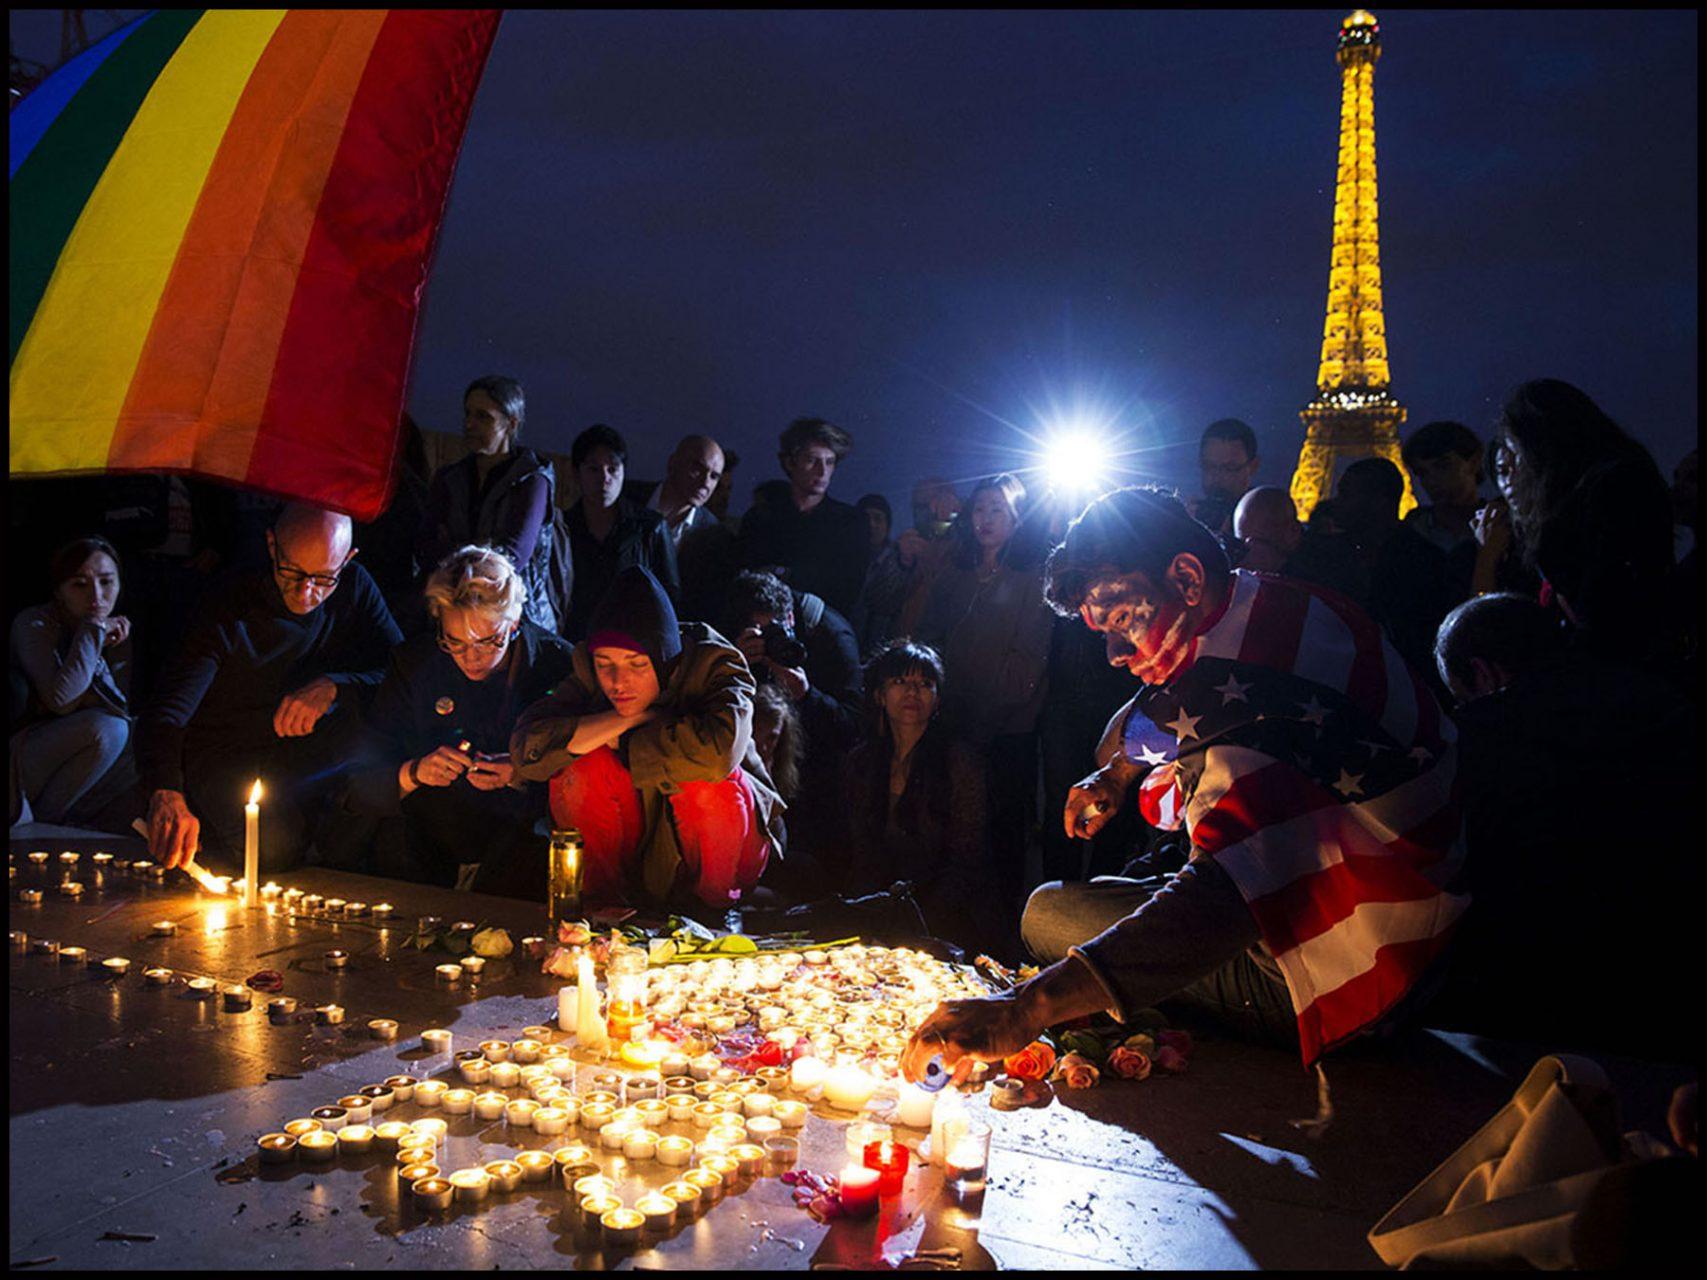 Rassemblement au Trocadéro sur le parvis des droits de l'homme en hommage aux victimes de la tuerie d'Orlando